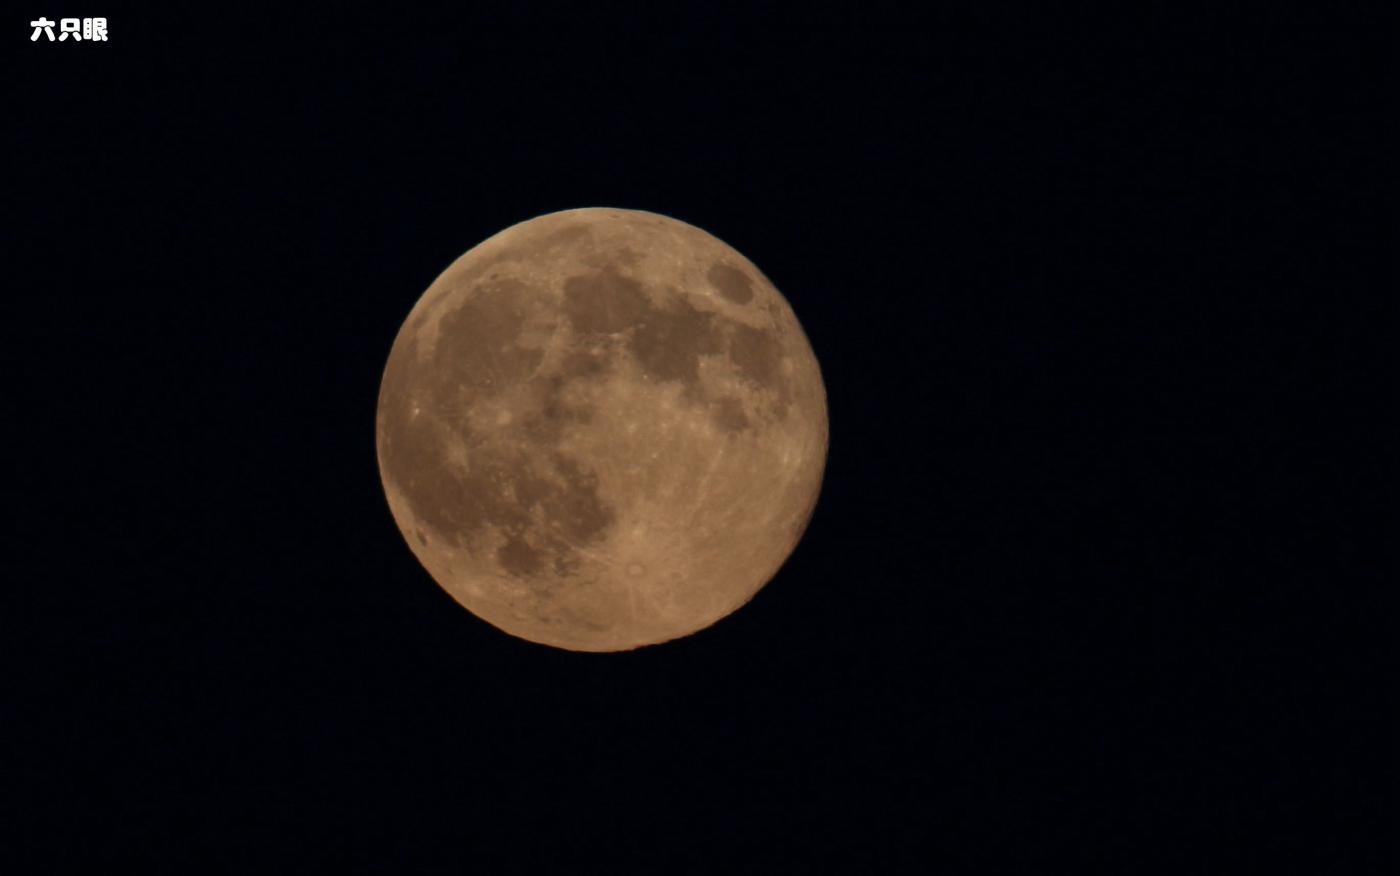 六只眼:试拍超级大月亮_图1-2